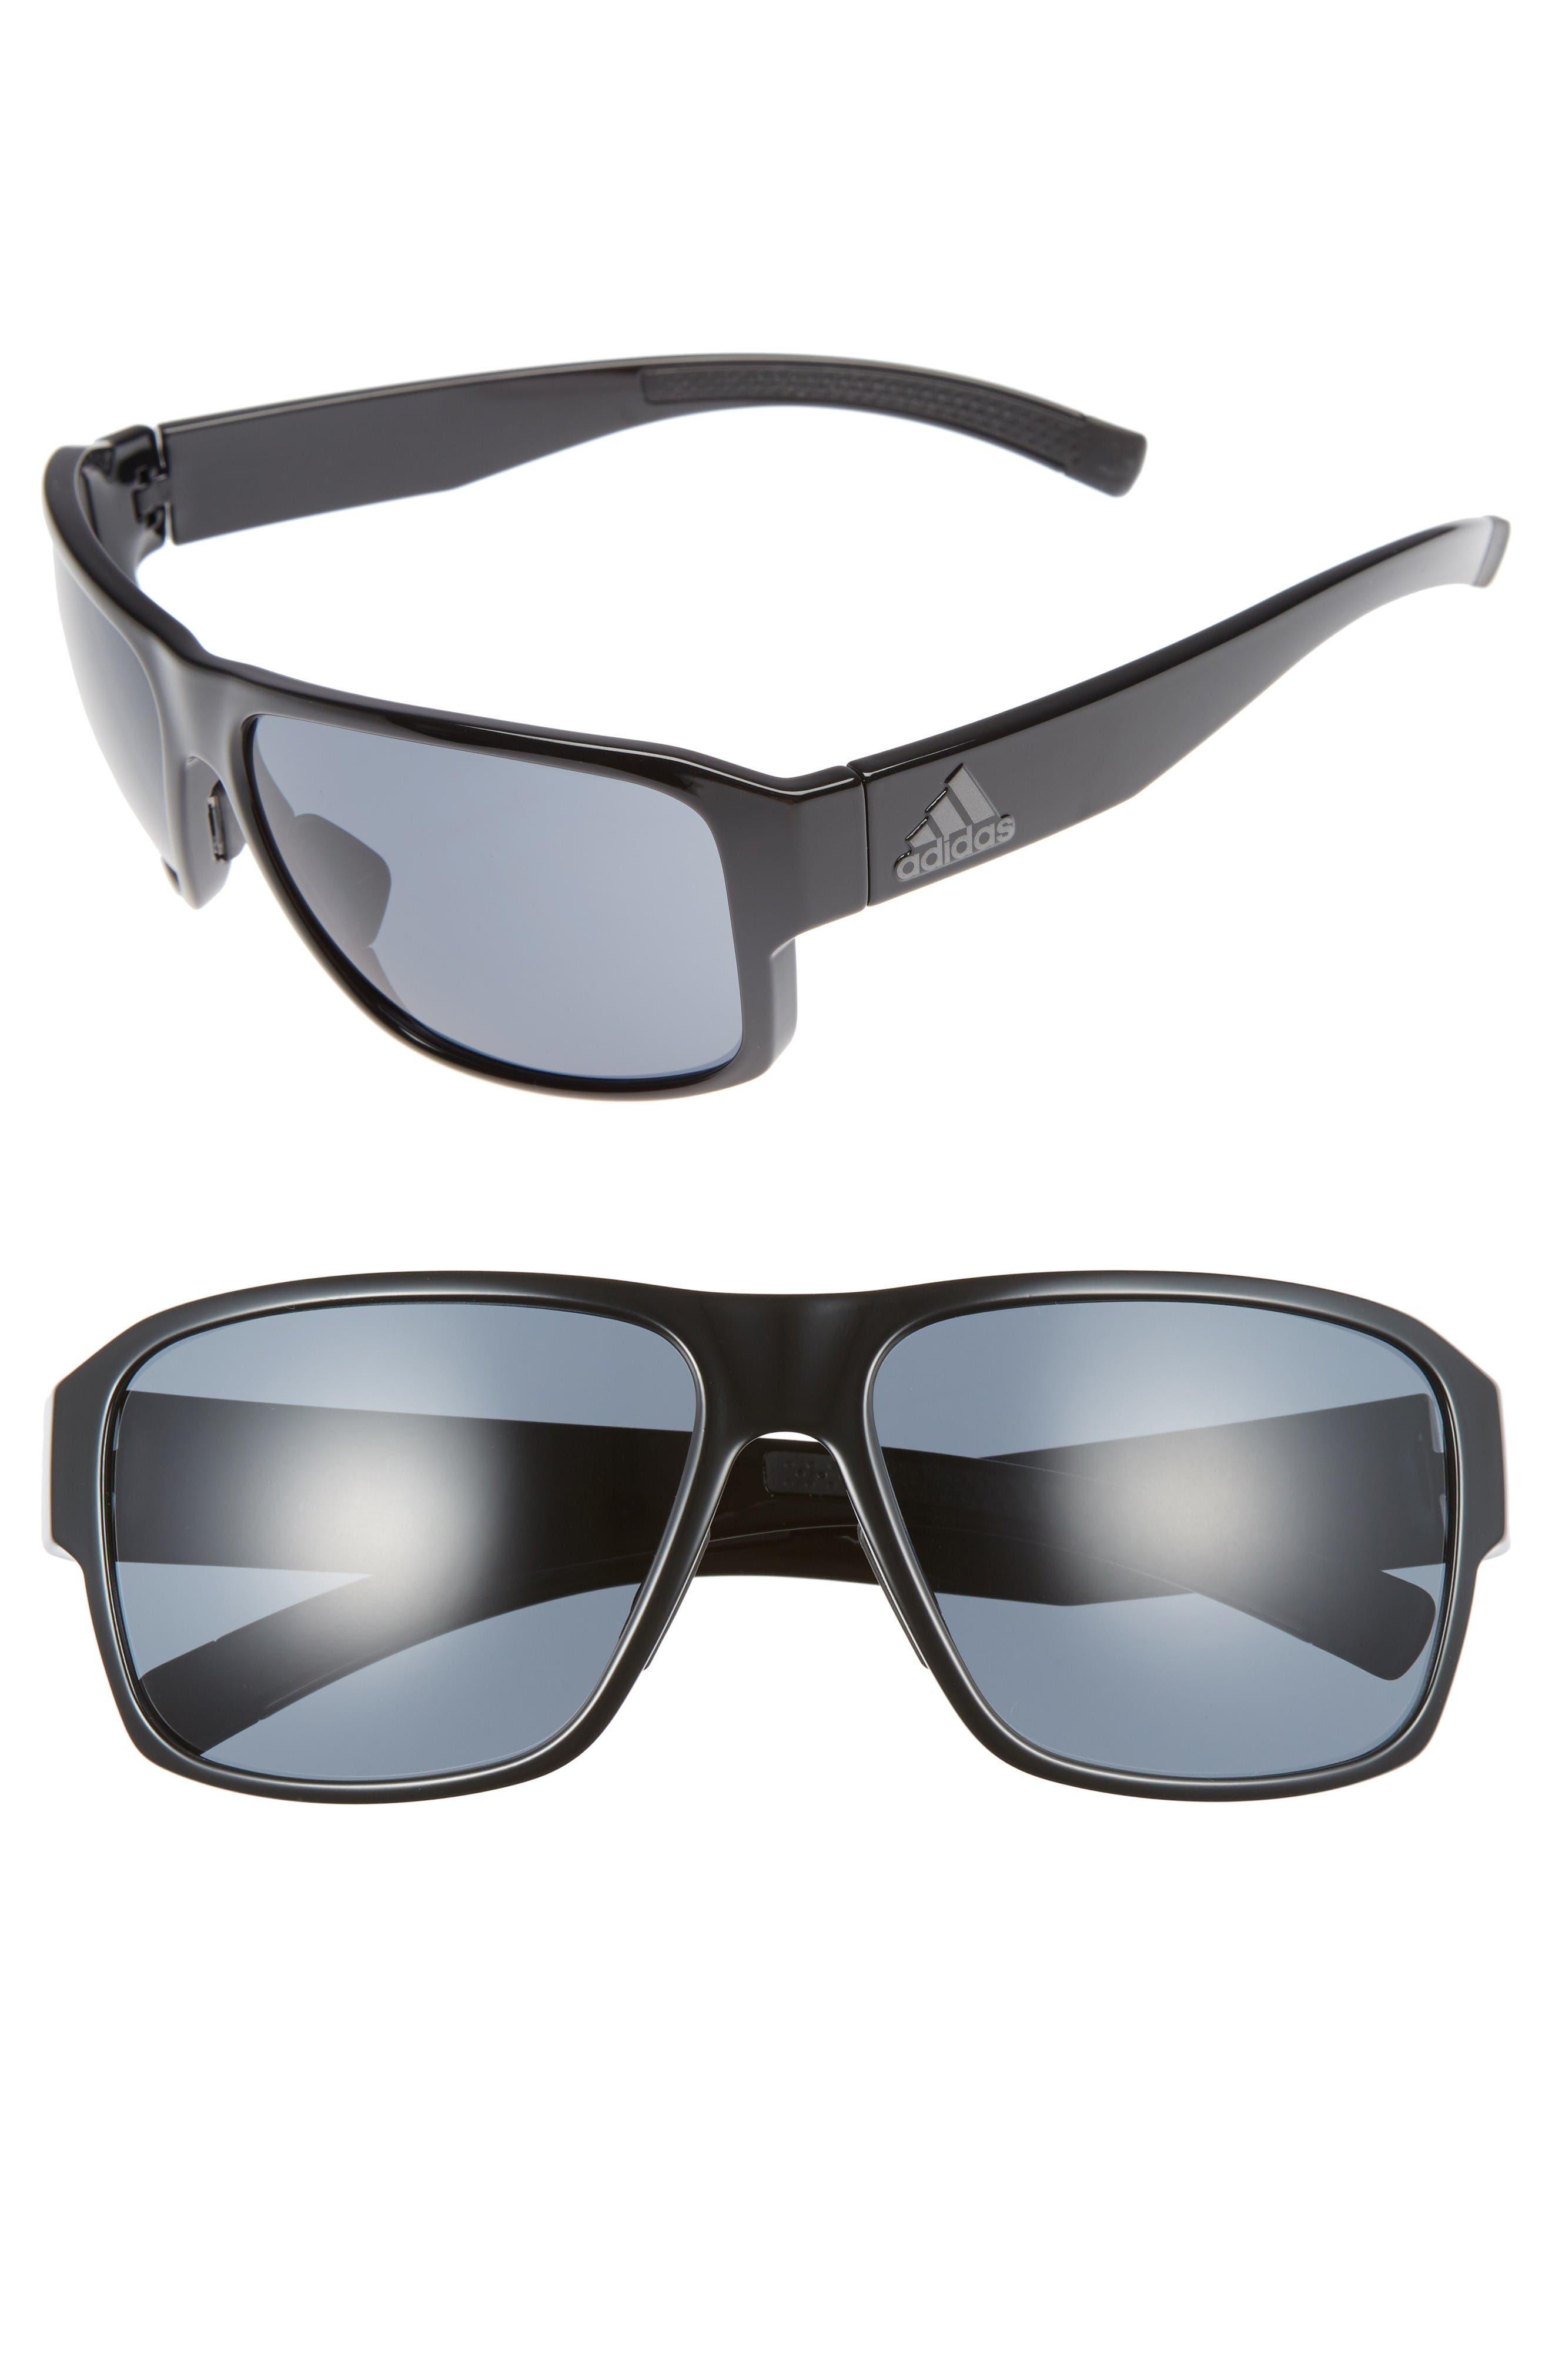 Jaysor 60mm Sunglasses,                         Main,                         color, Shiny Black/ Grey